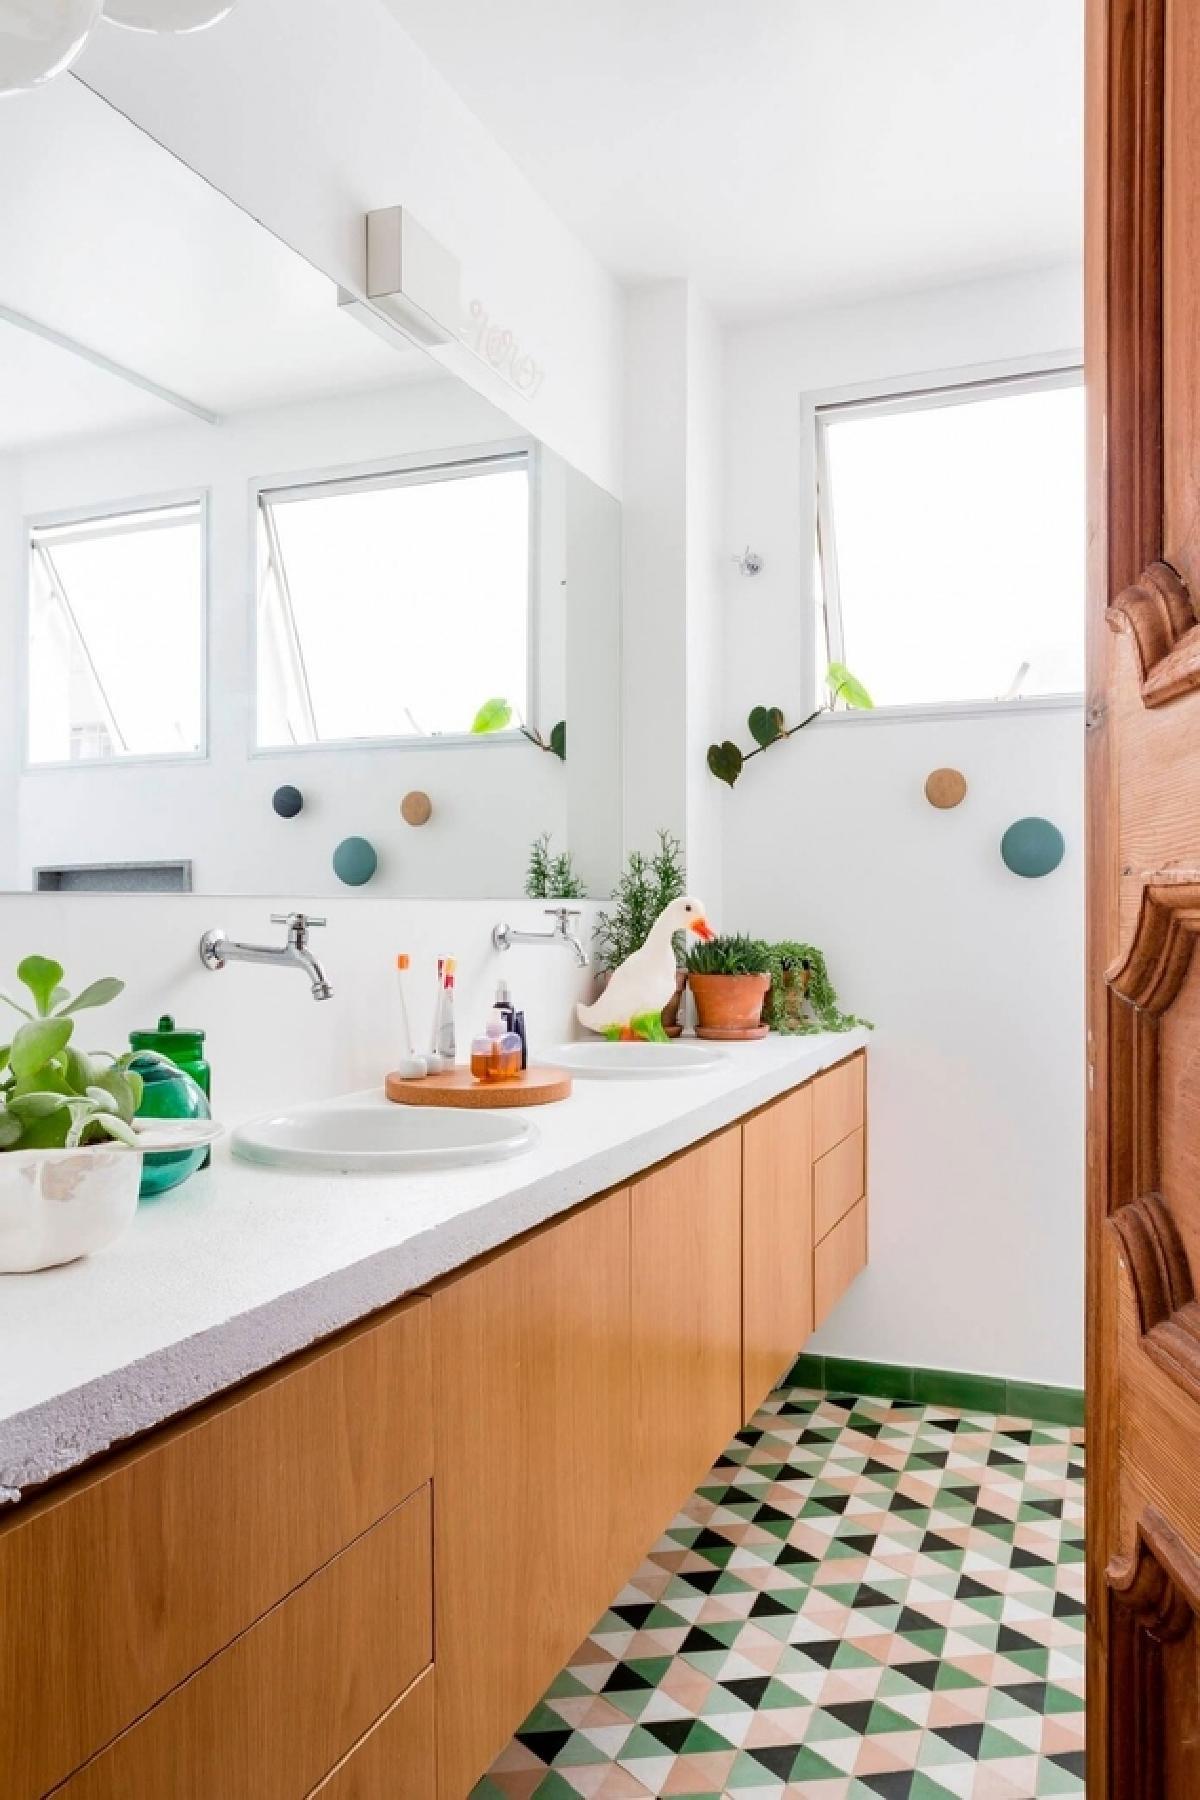 与卧室的中性调色板不同,套间在绿色和粉红色的地板上摇摆着一个充满活力的几何瓷砖图案,由相同配色方案的旋钮毛巾钩来表示。